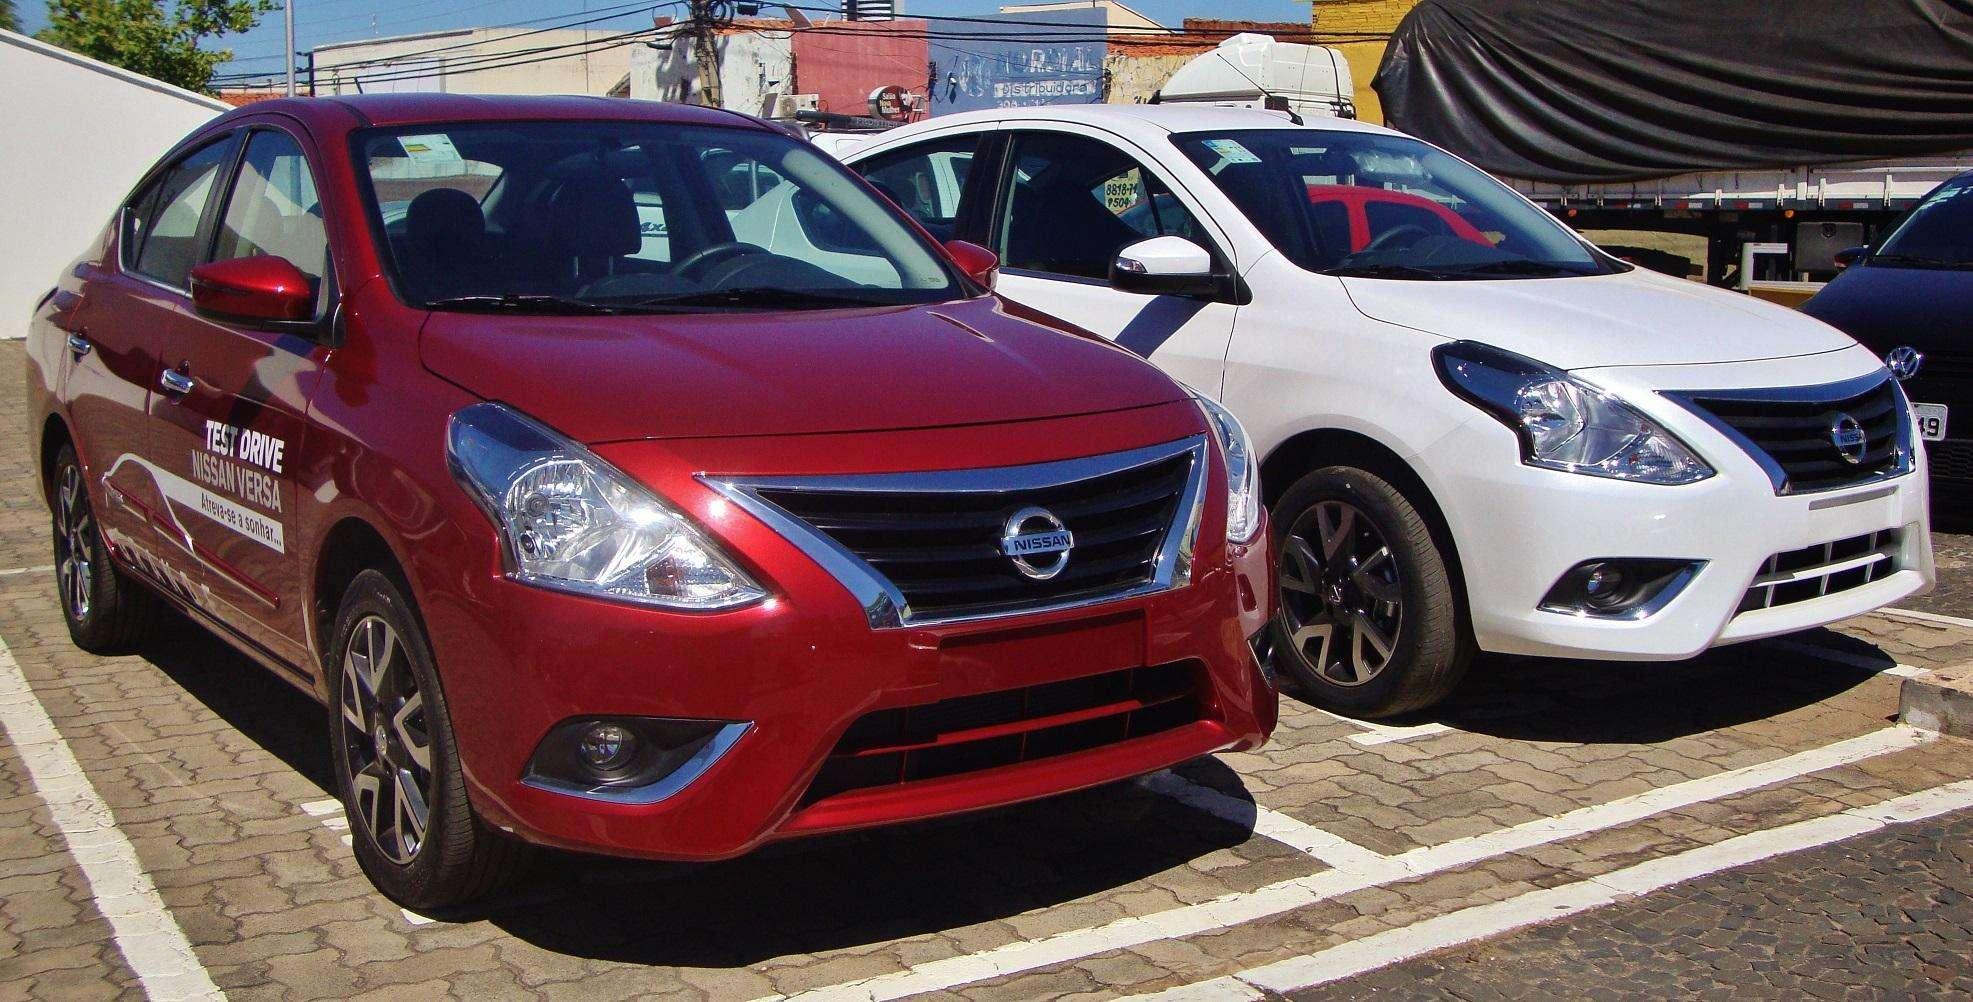 Ofertas da Japan Veículos: toda a linha Nissan com IPVA Grátis e condições especiais